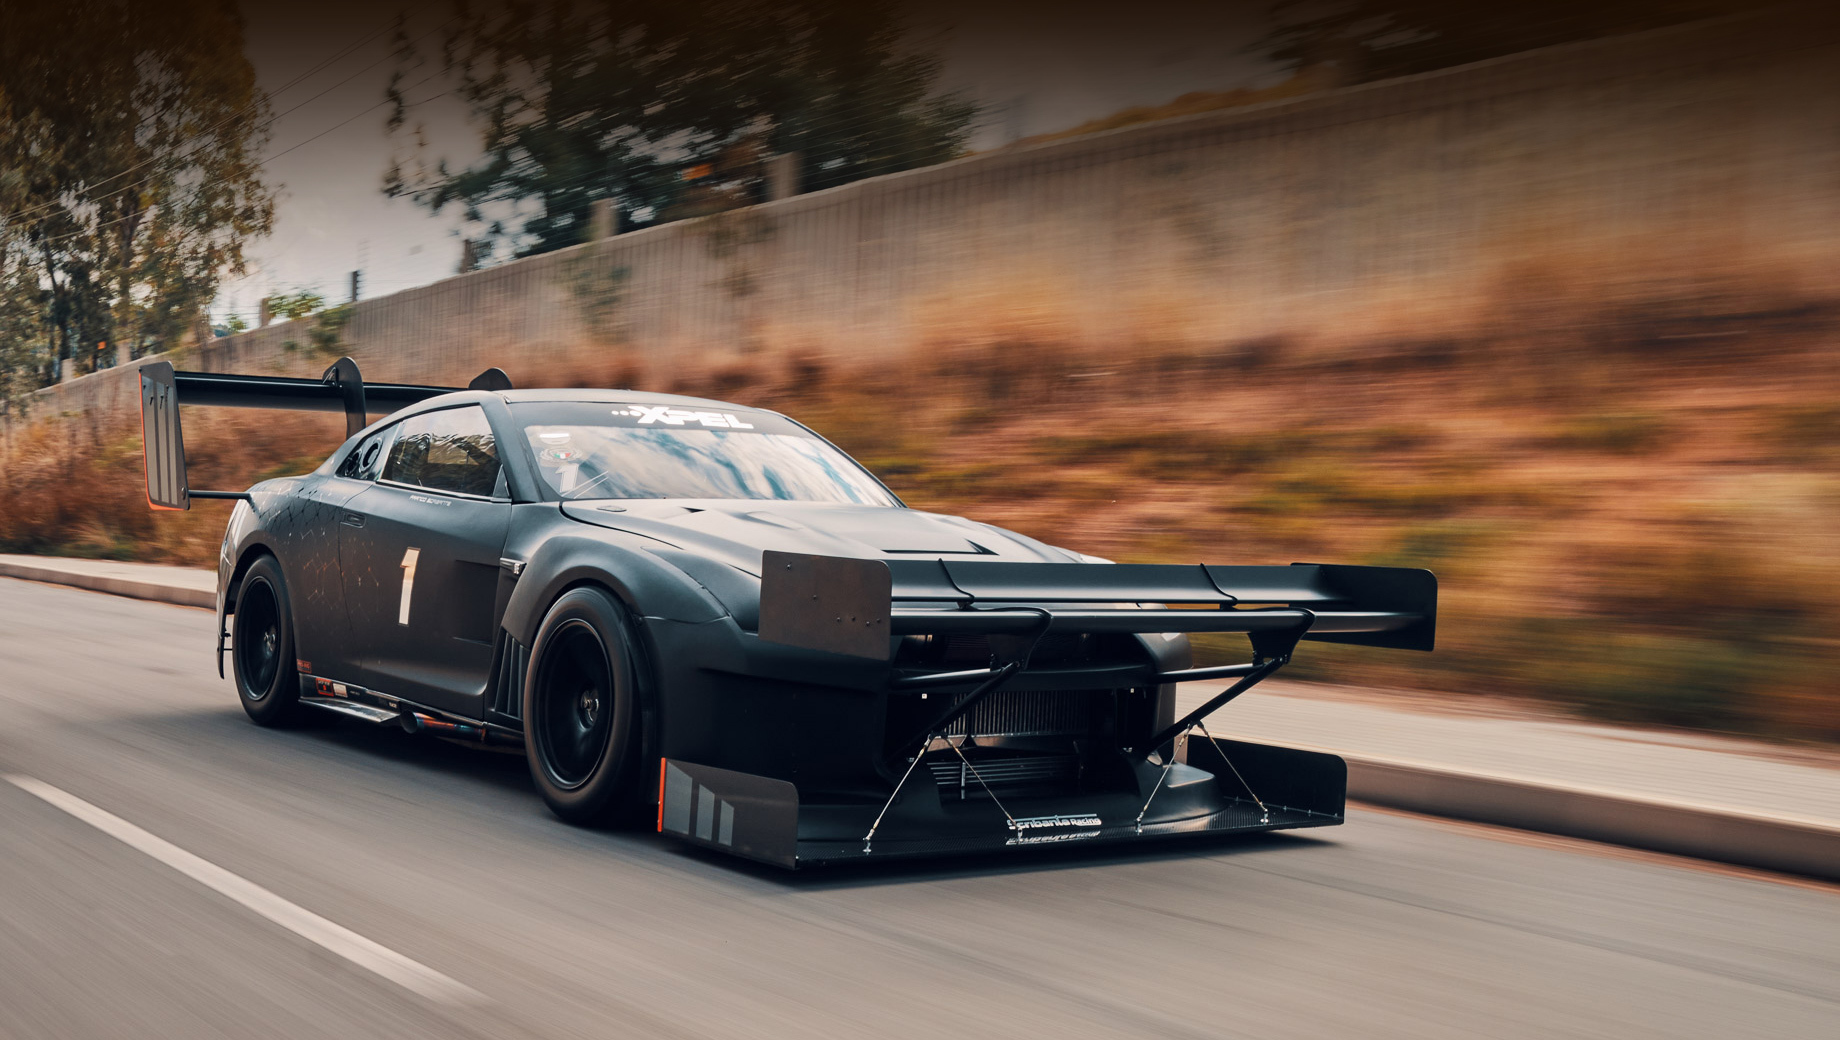 Nissan gt-r. В Сети эта машина мелькала не раз, поражая публику самым агрессивным аэродинамическим обвесом, когда-либо встречавшимся на GT-R. Её создатели говорят, что ещё не показали полный потенциал монстра, потому присмотримся к нему поближе.